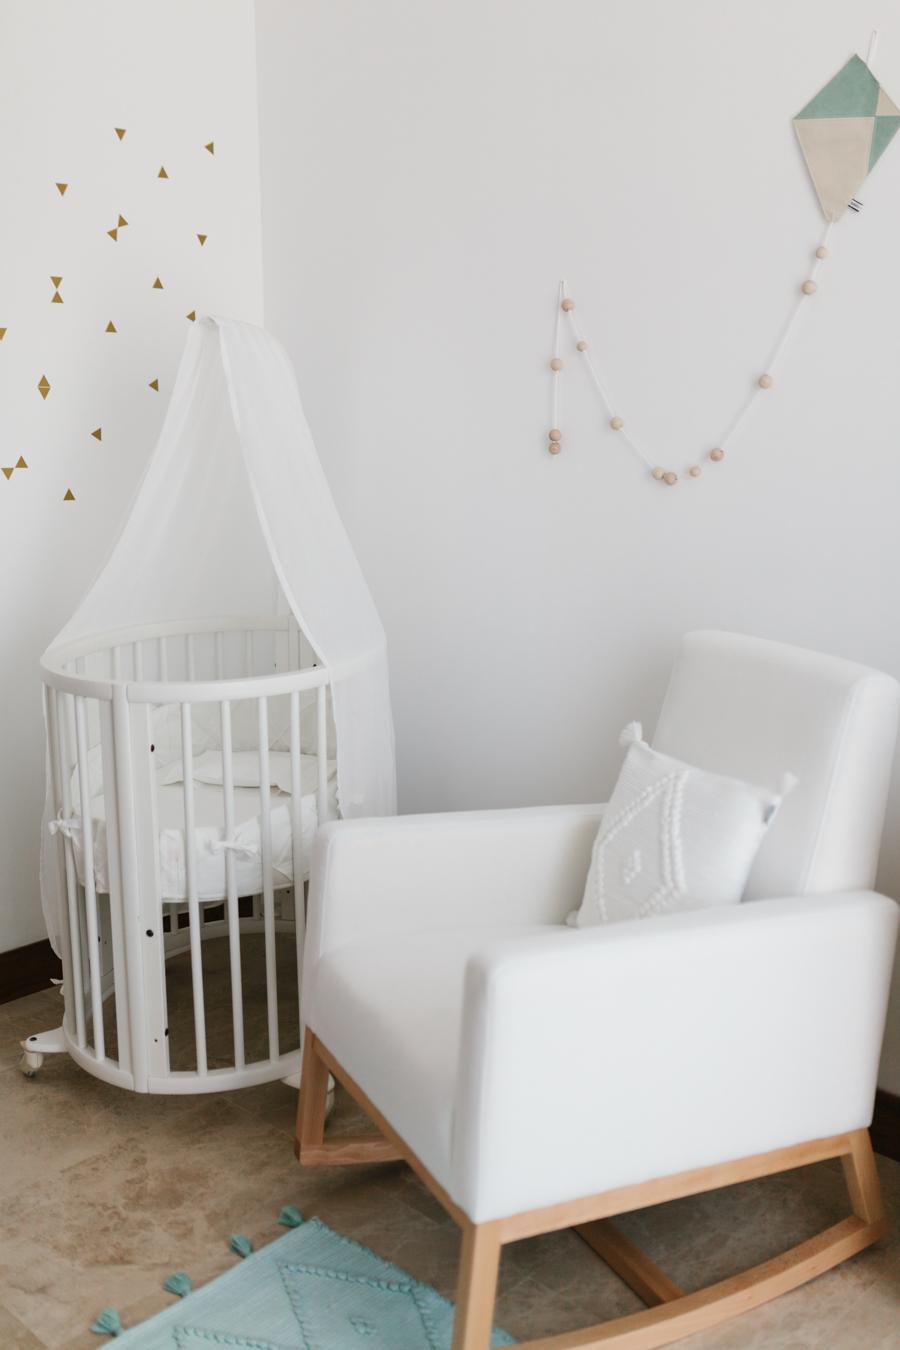 La habitación de Beltrán. Una habitación de bebé de estilo nórdico